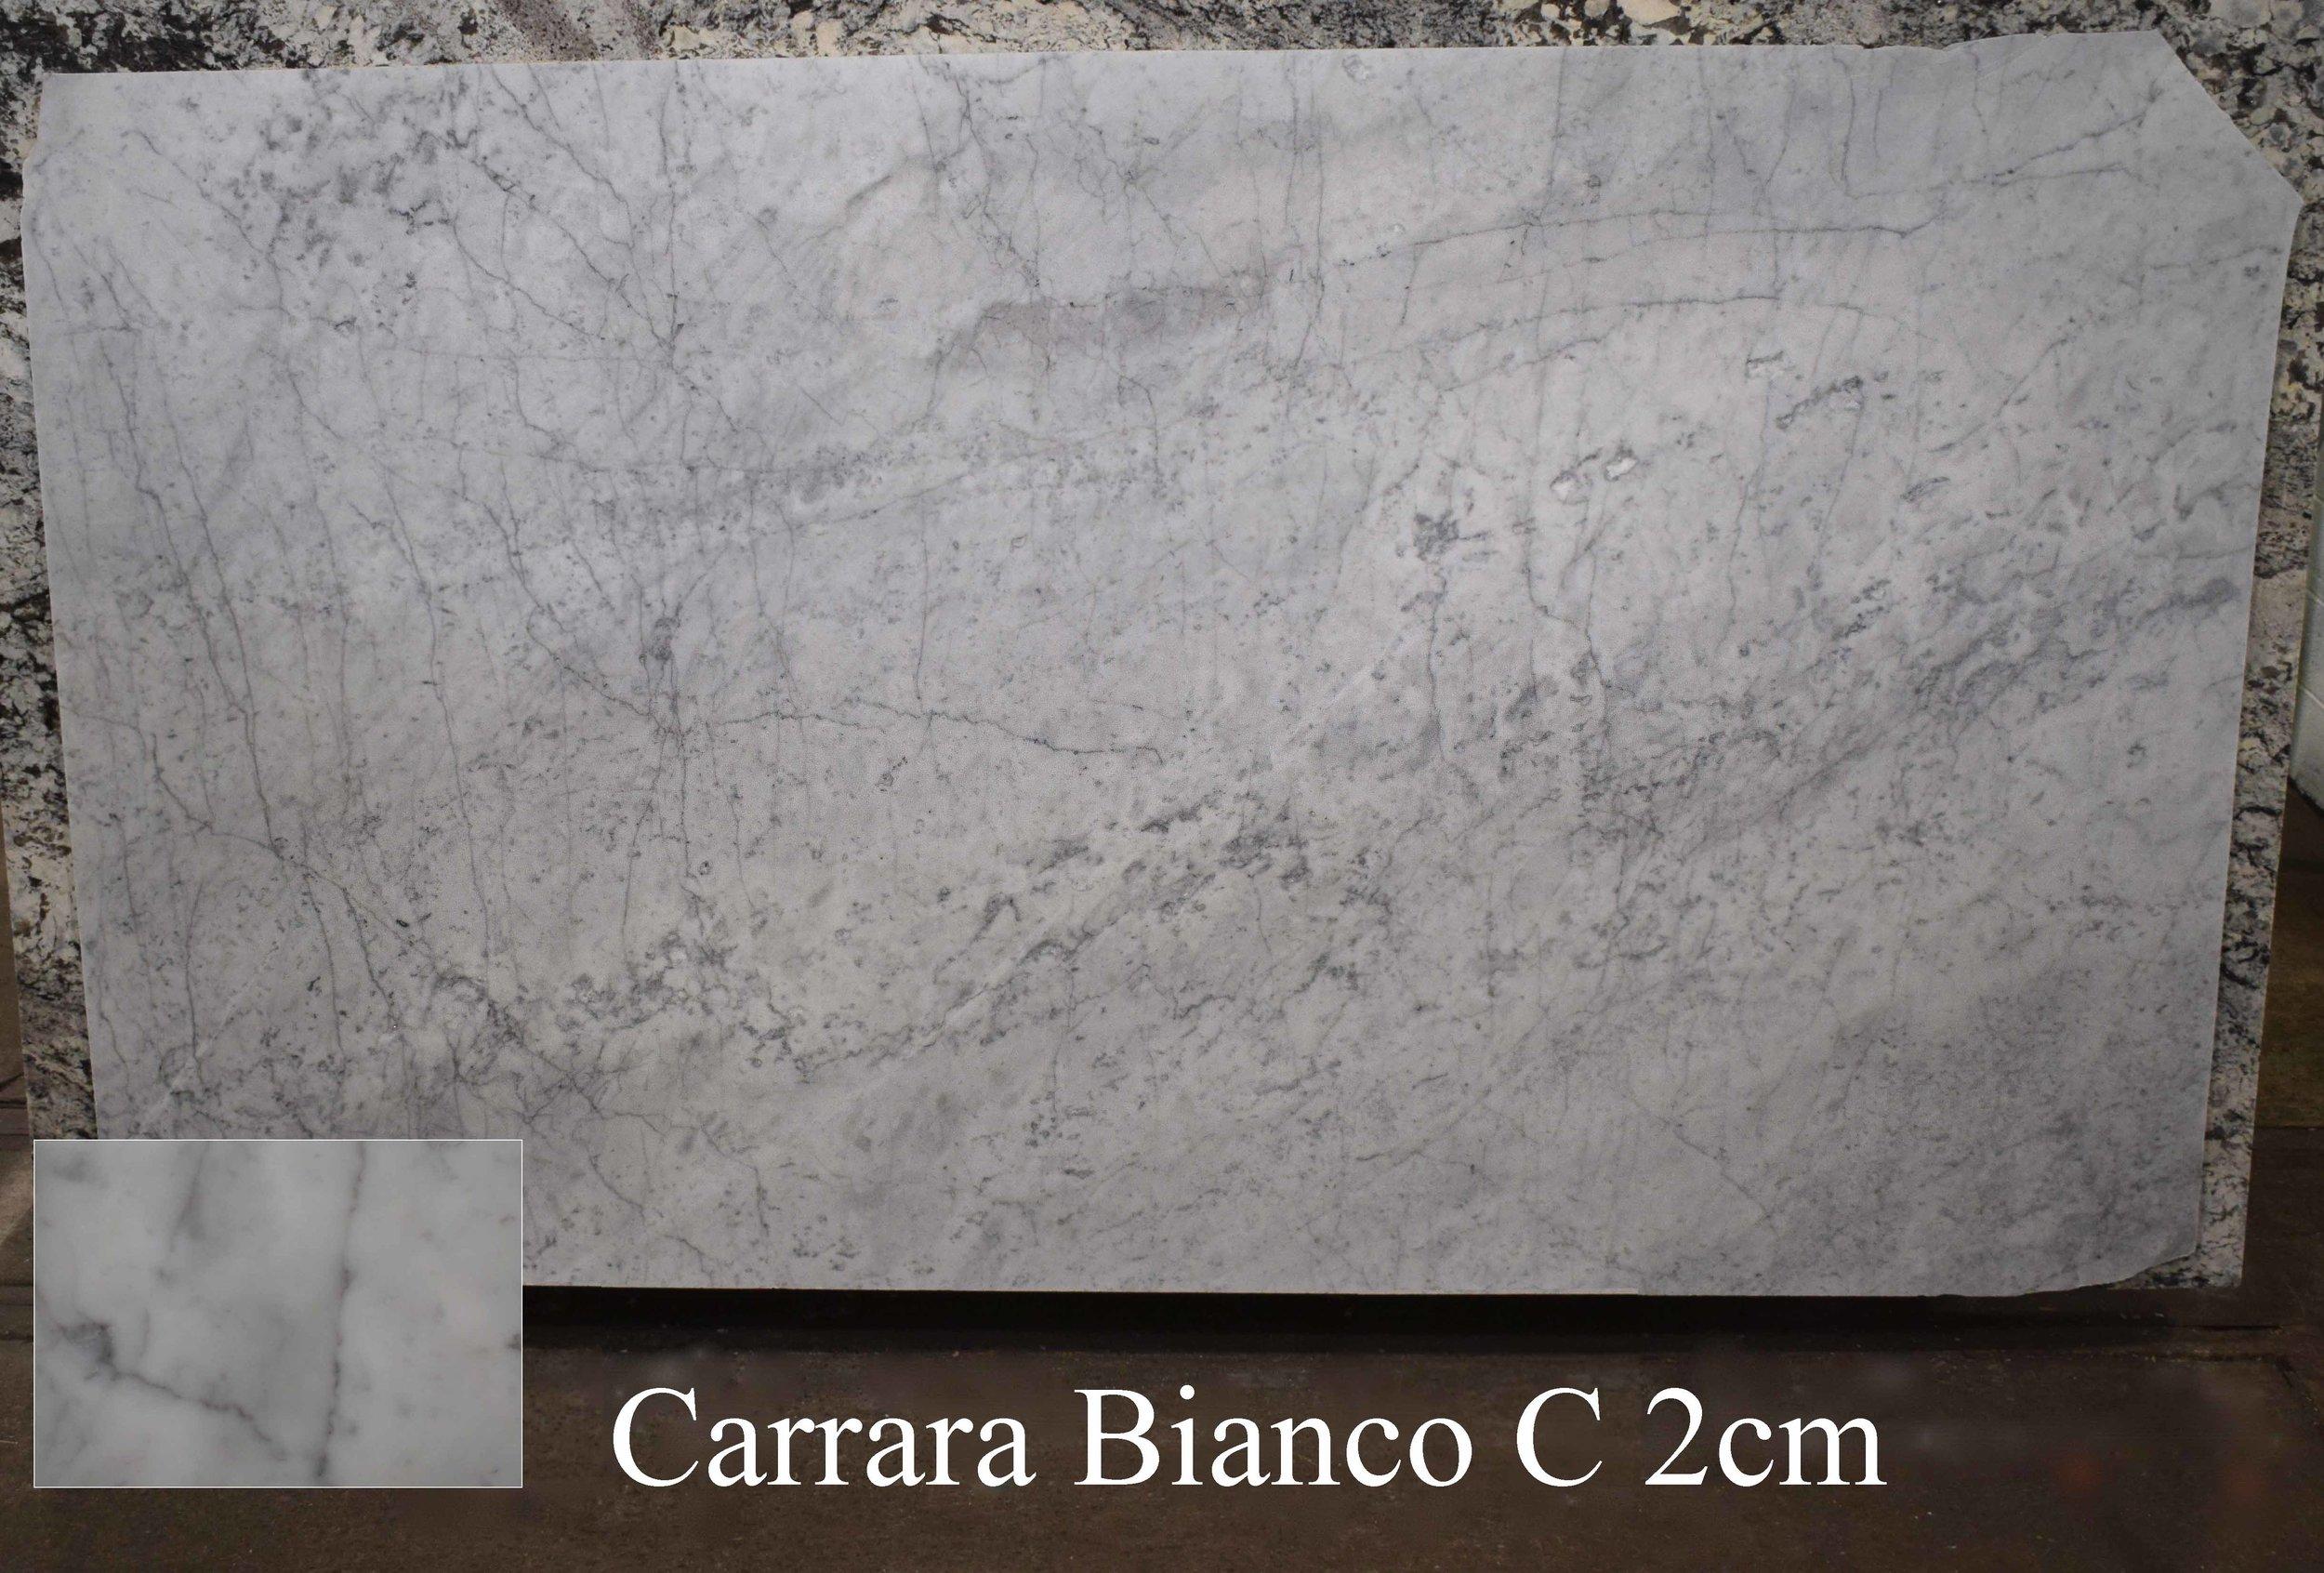 CARRARA BIANCO C 2cm